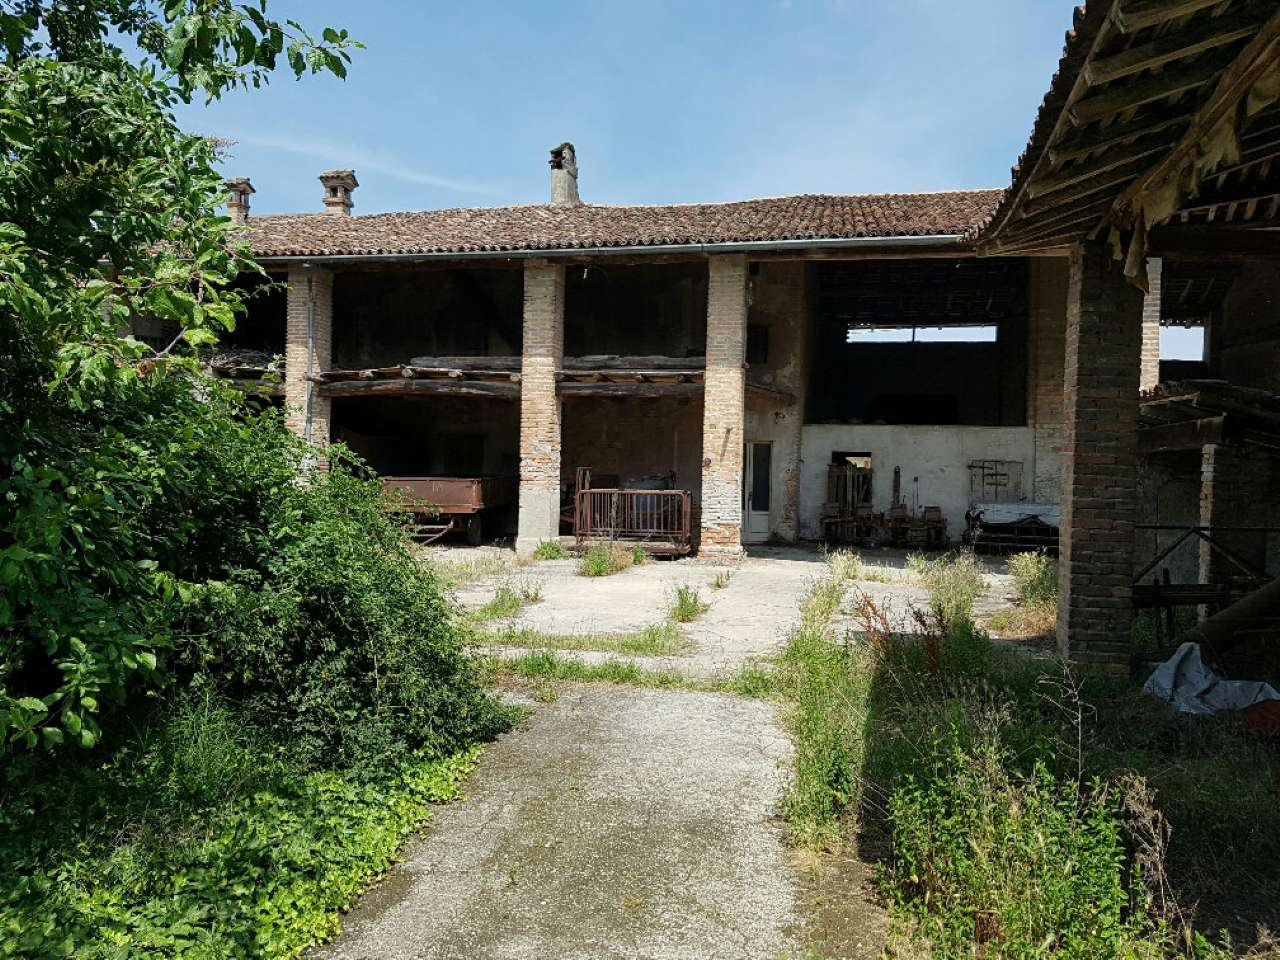 Rustico / Casale in vendita a Cremosano, 8 locali, prezzo € 100.000 | CambioCasa.it